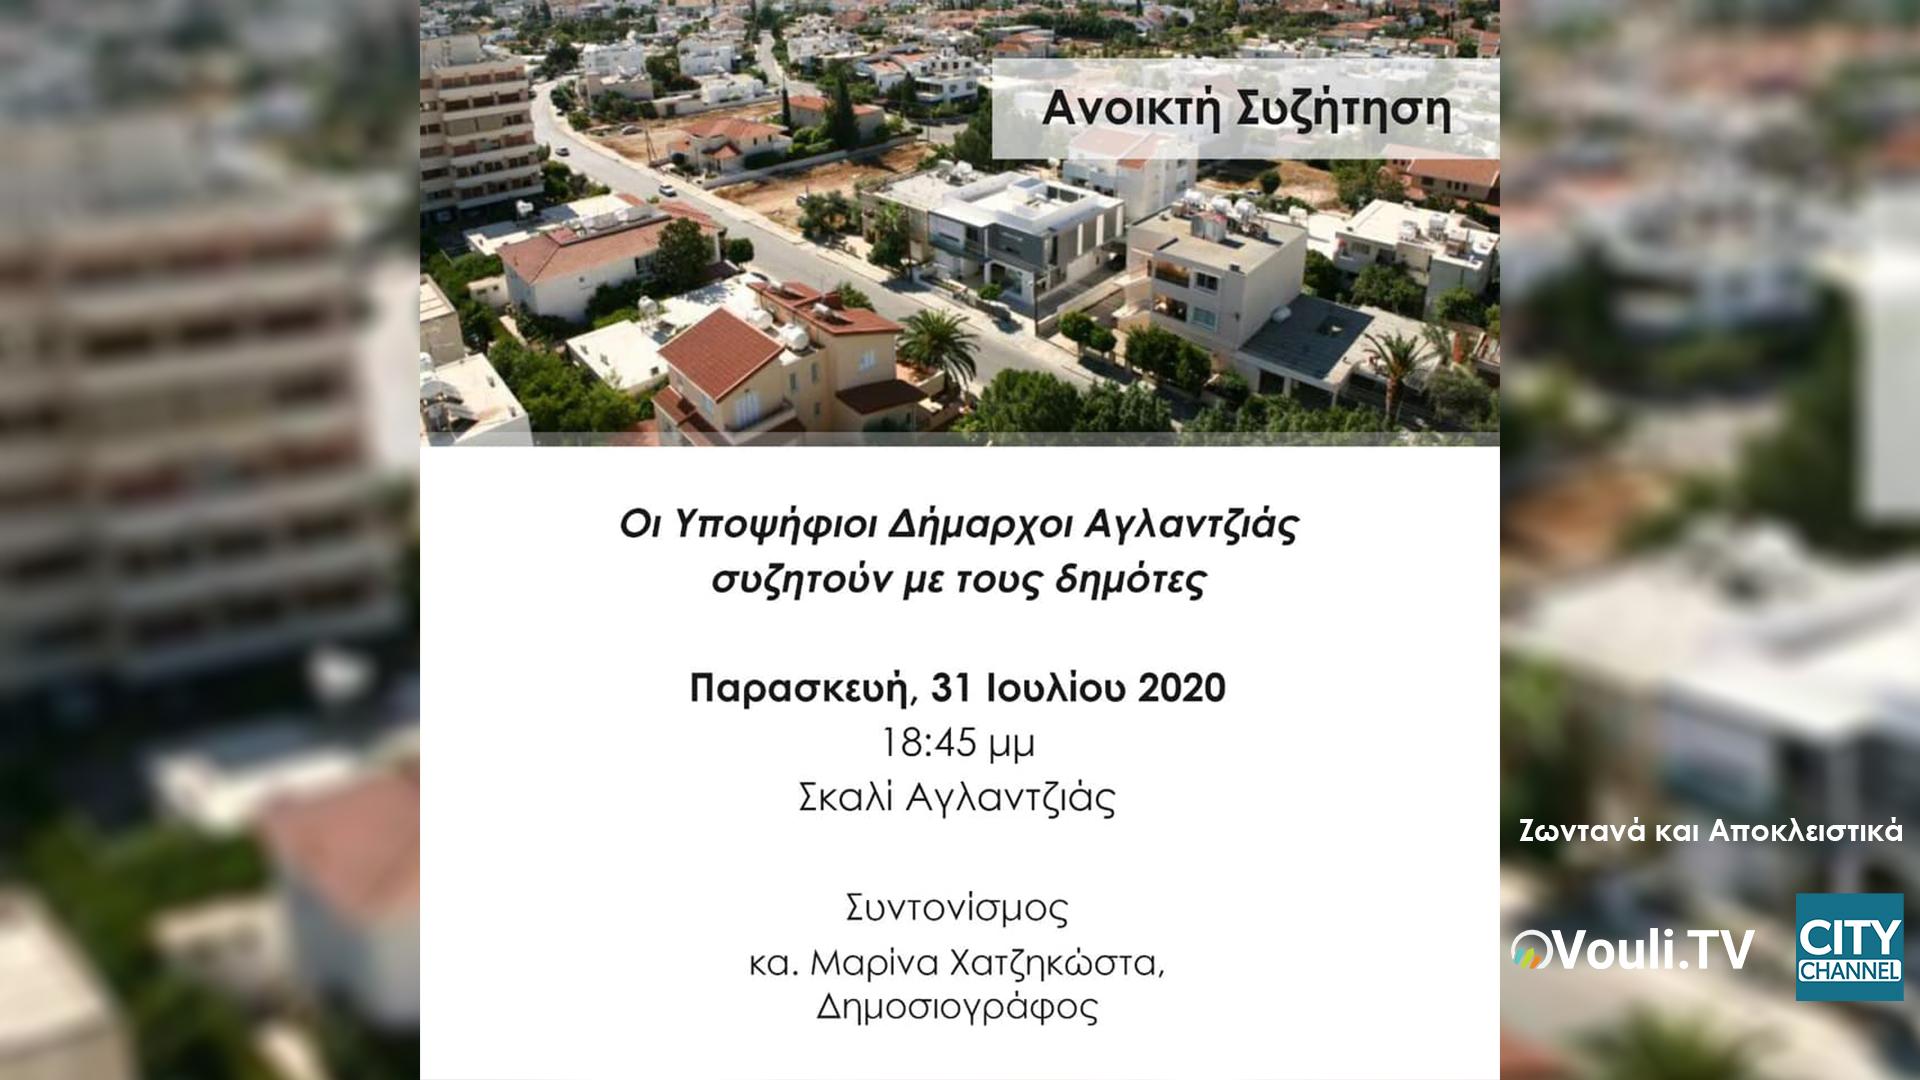 Ανοικτή Συζήτηση Υποψηφίων Δημάρχων Αγλατζιάς, 31/07/2020